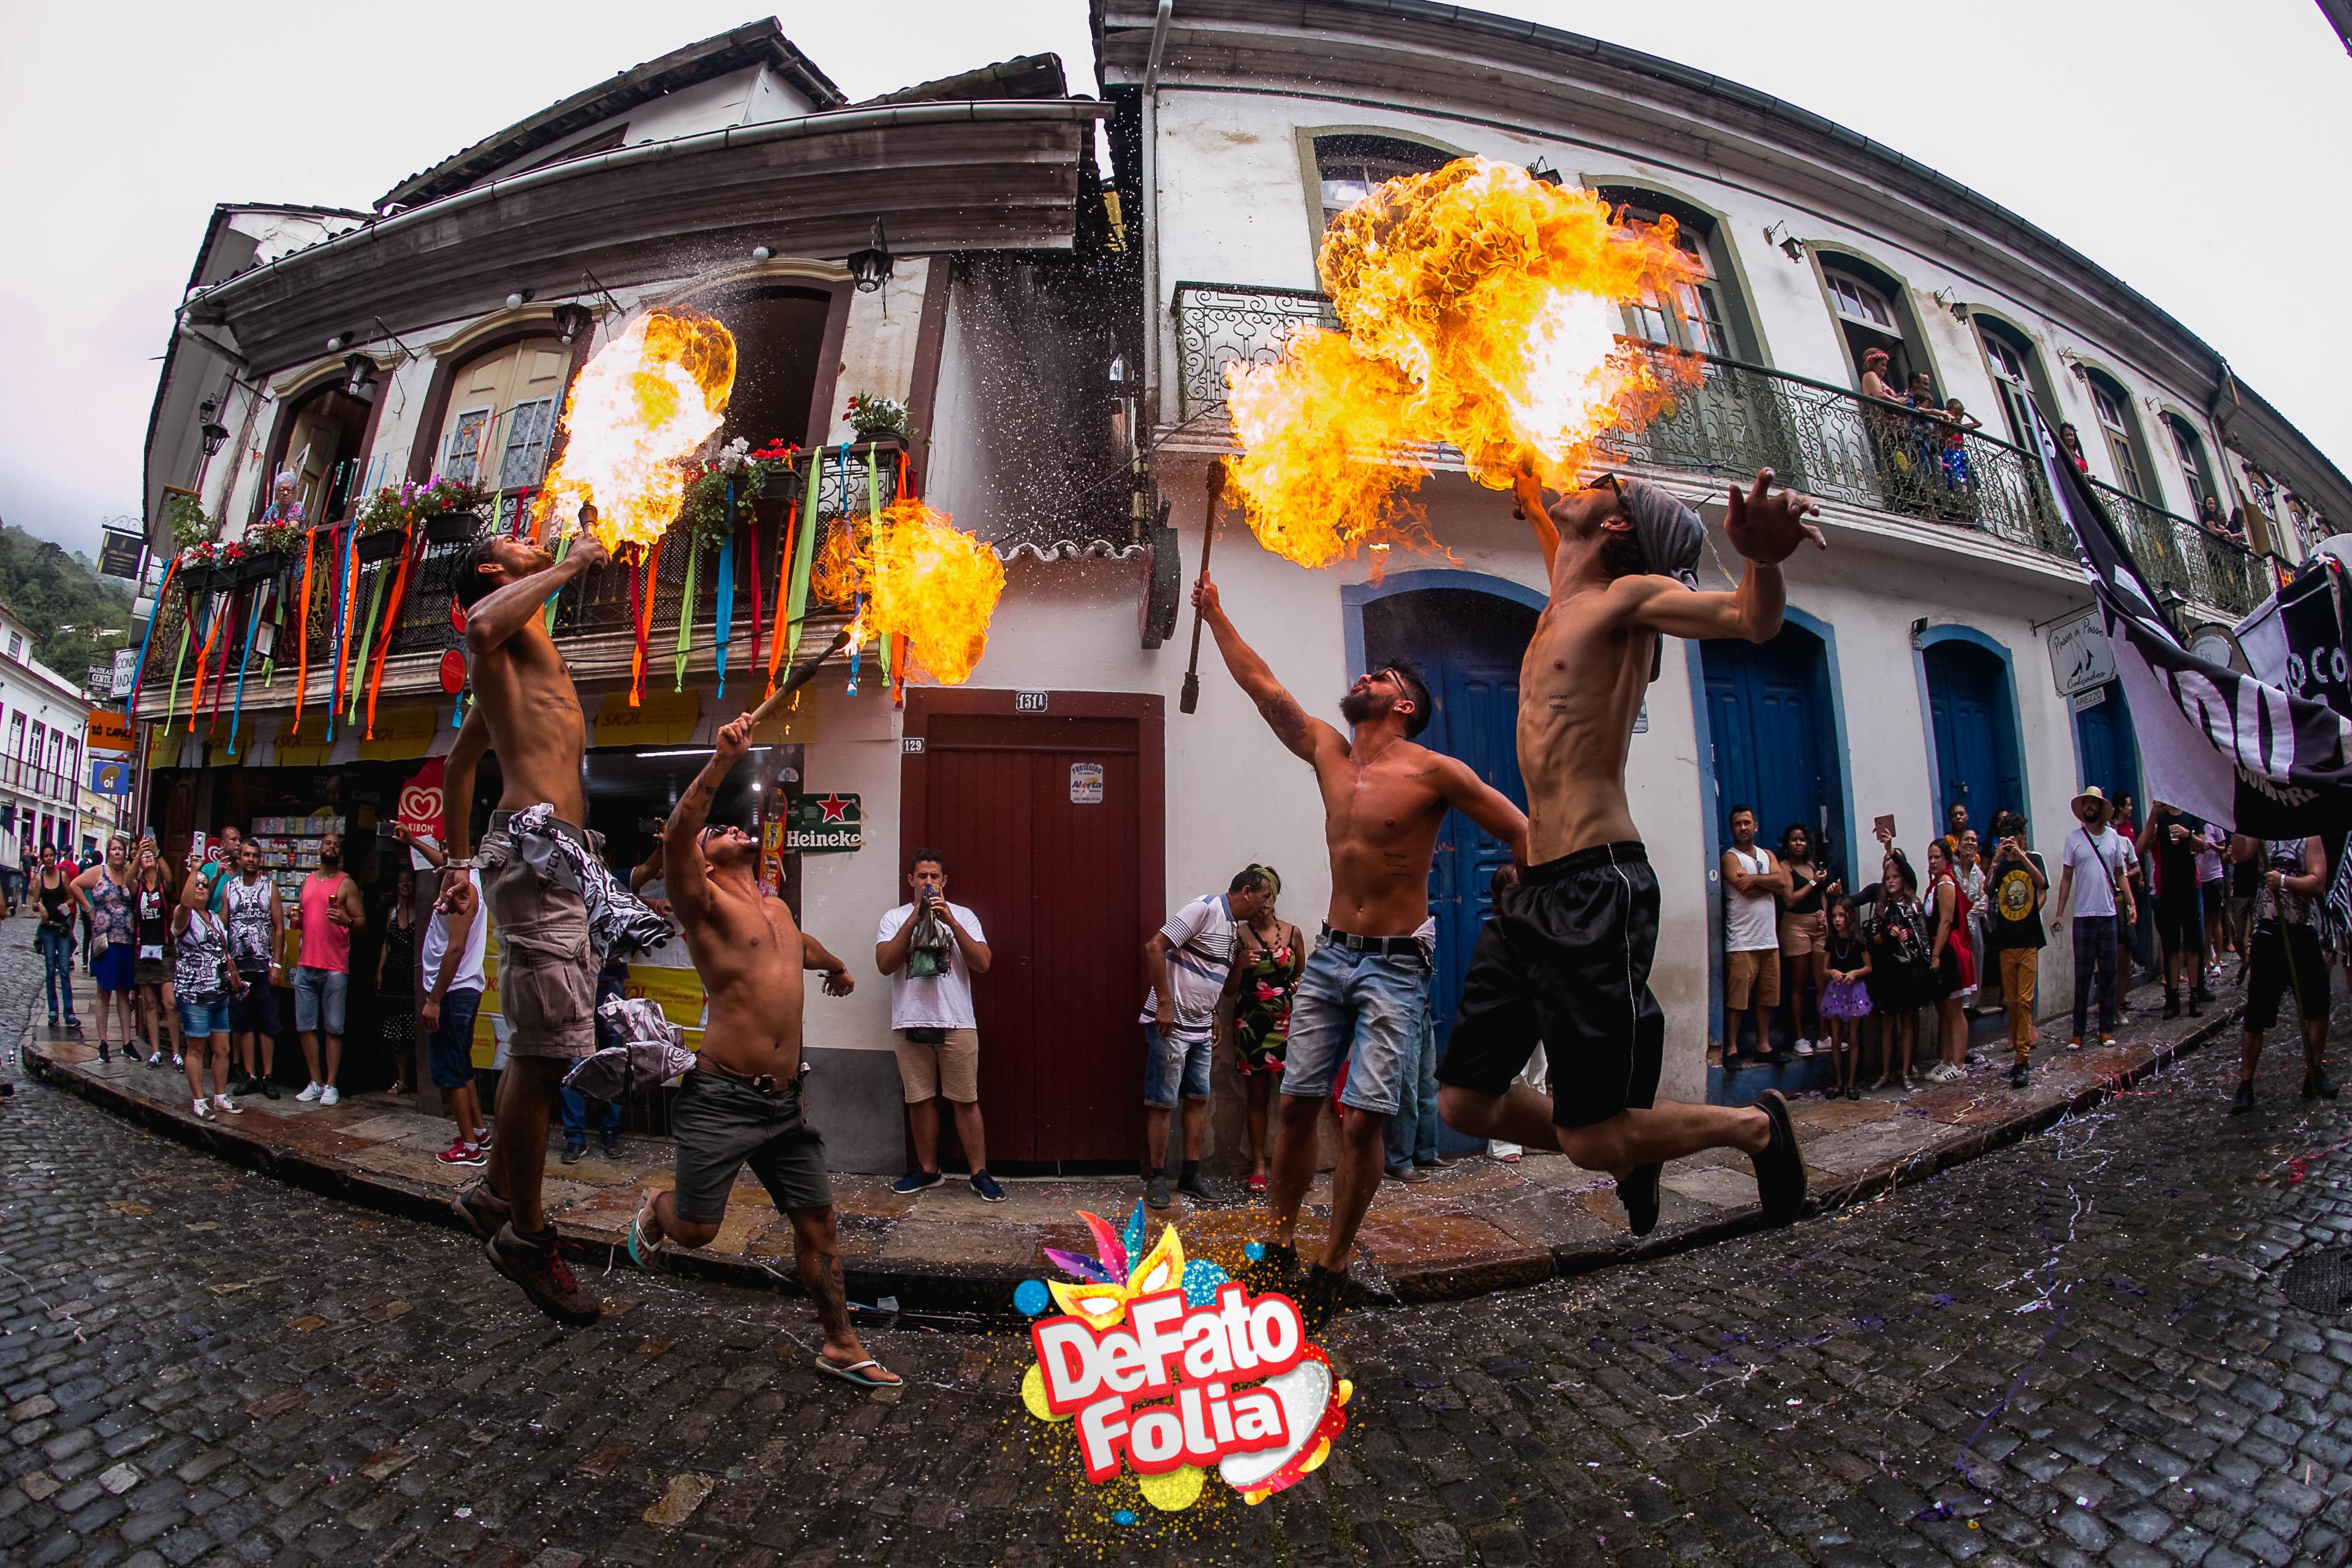 O Carnaval de Ouro Preto em fotos incríveis